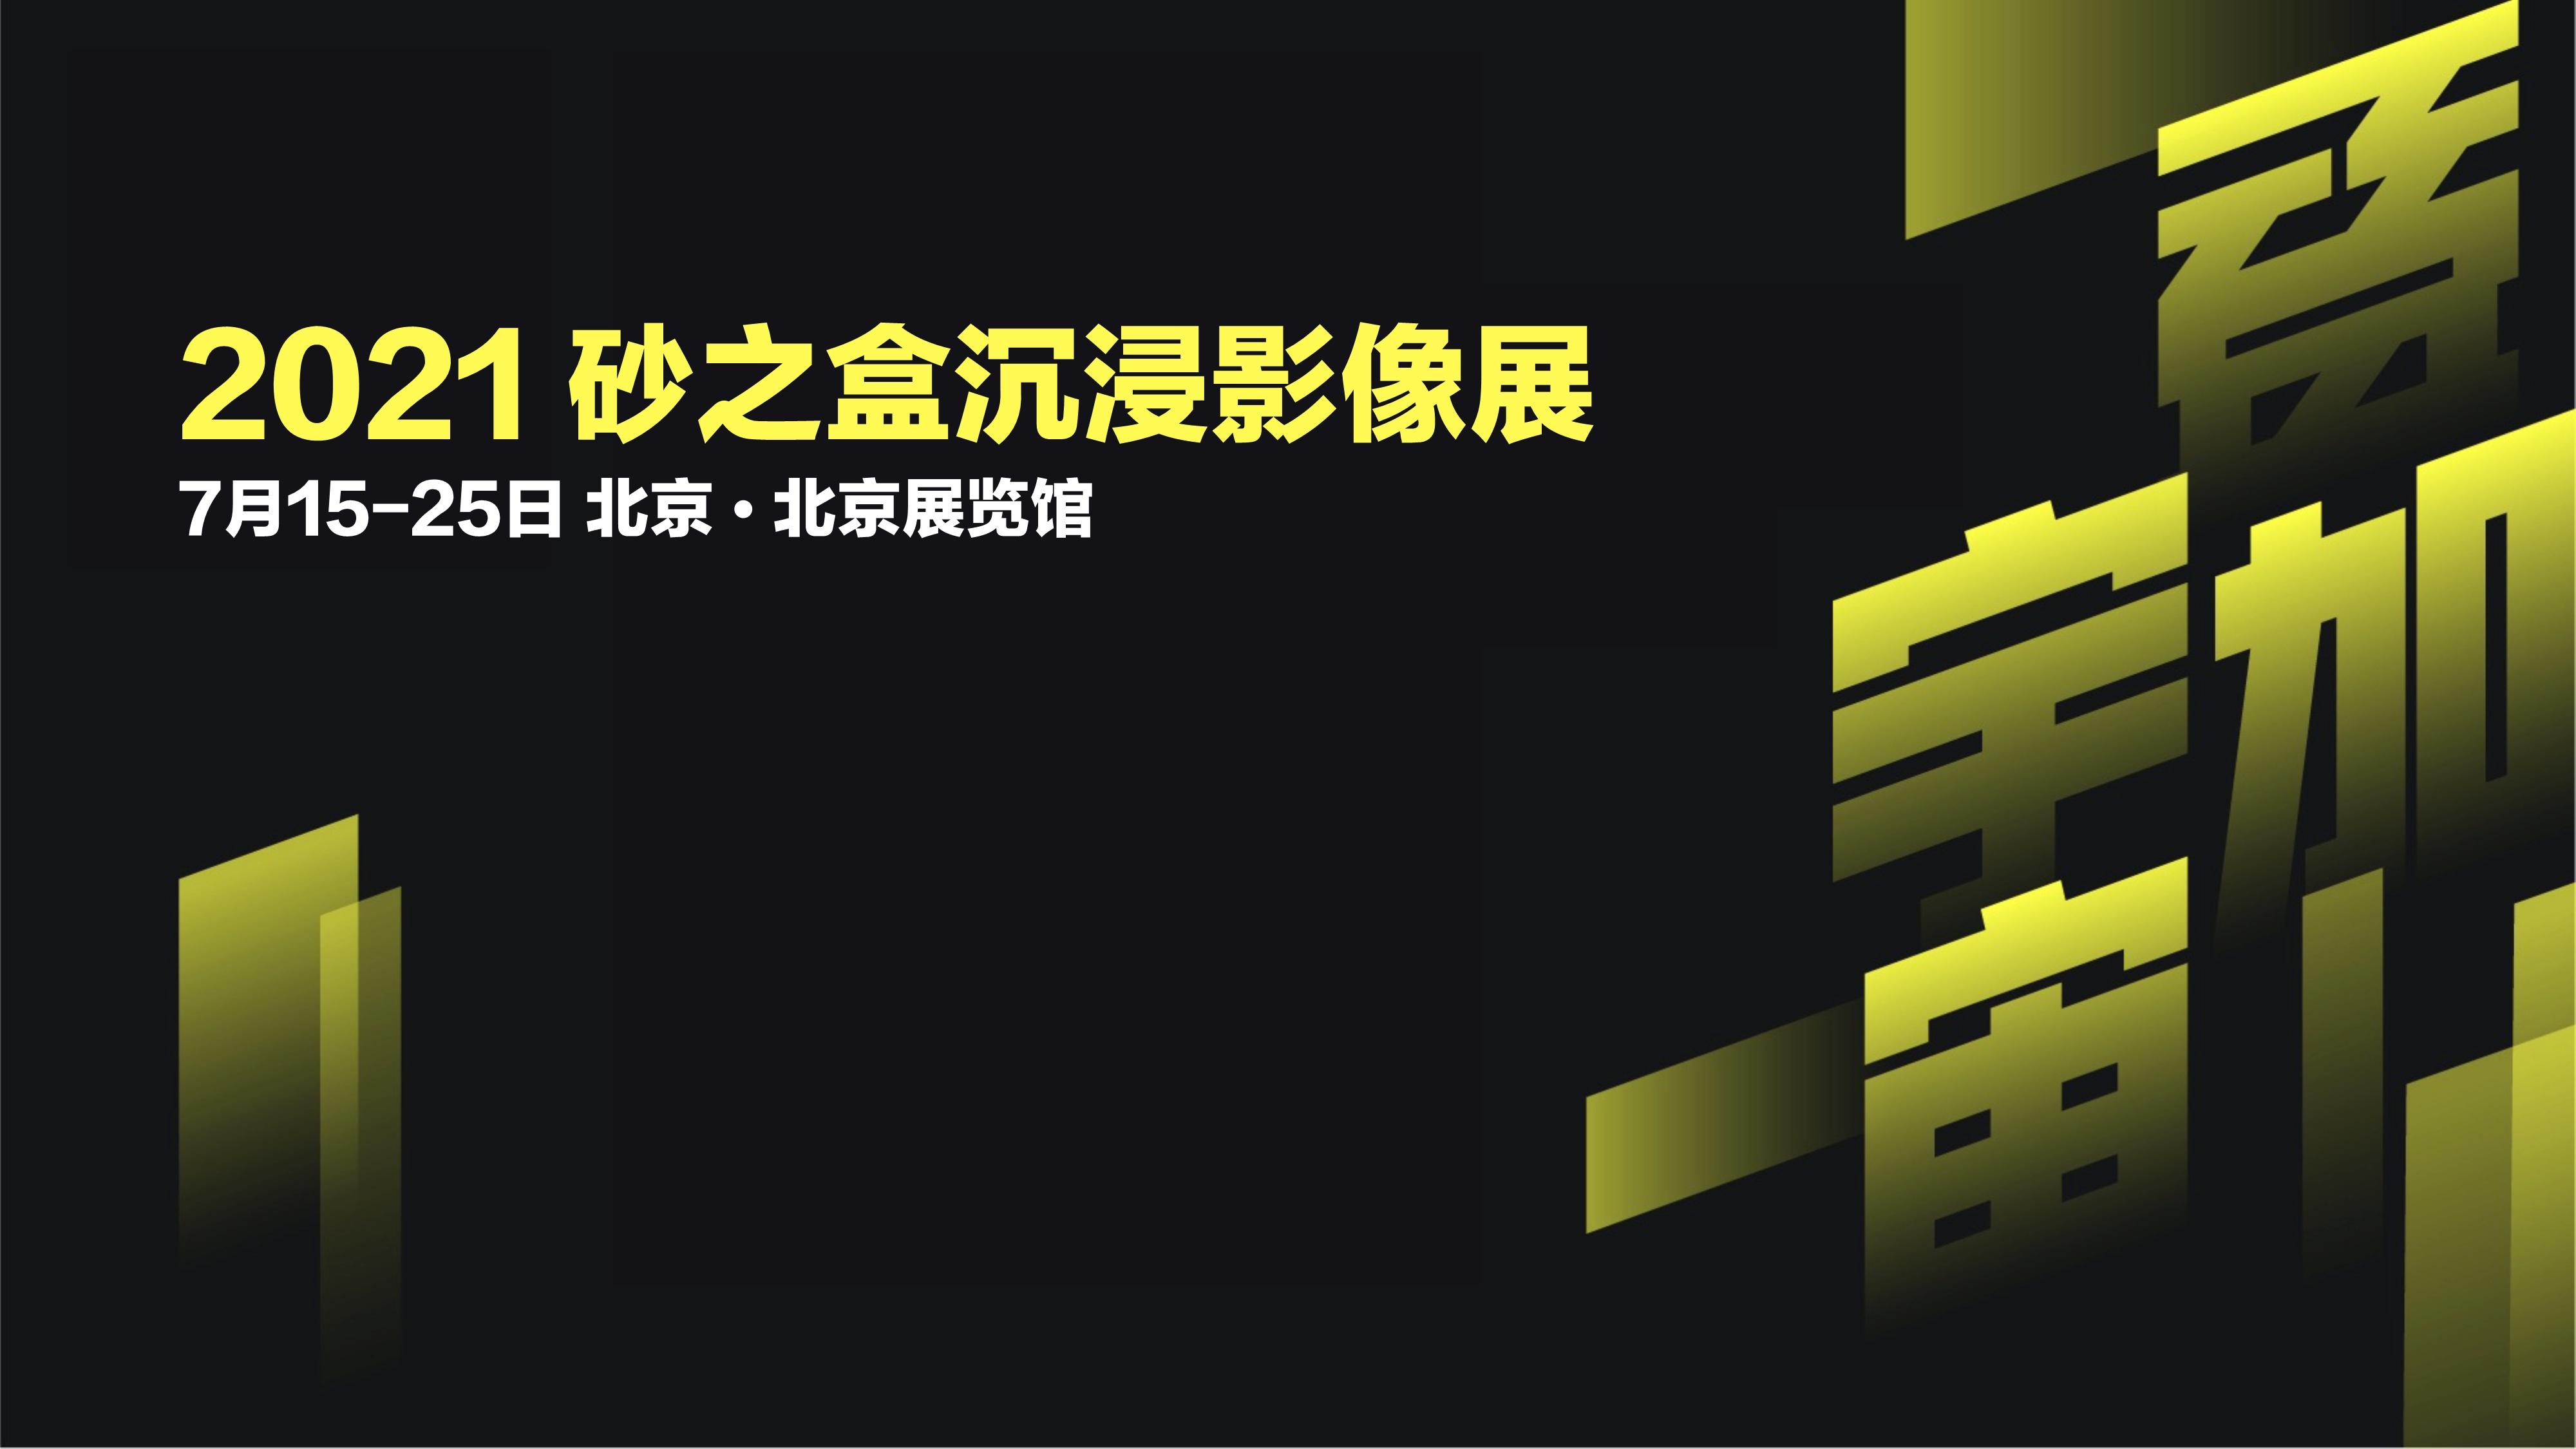 2021 砂之盒沉浸影像展于7月在北京展览馆召开